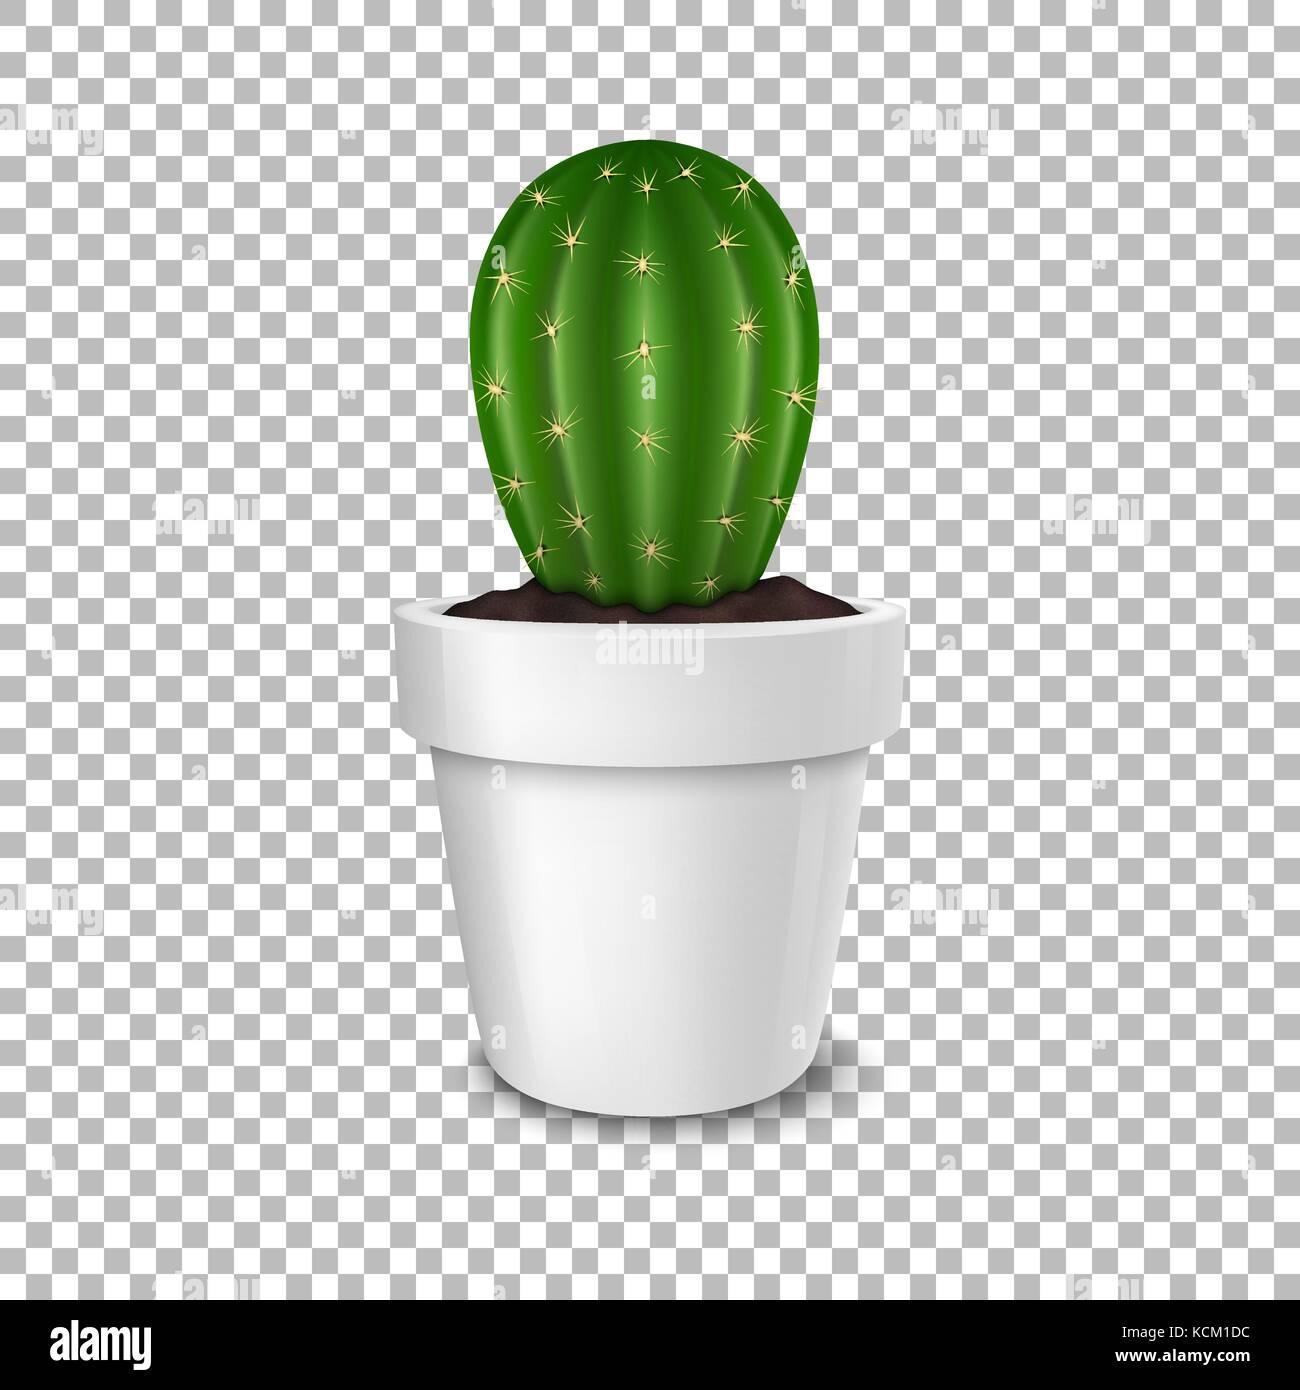 Realistische Dekorative Kaktus Anlage In White Flower Pot Symbol Closeup Auf Transparenten Hintergrund Isoliert Design Template Mockup Vektor EPS 10